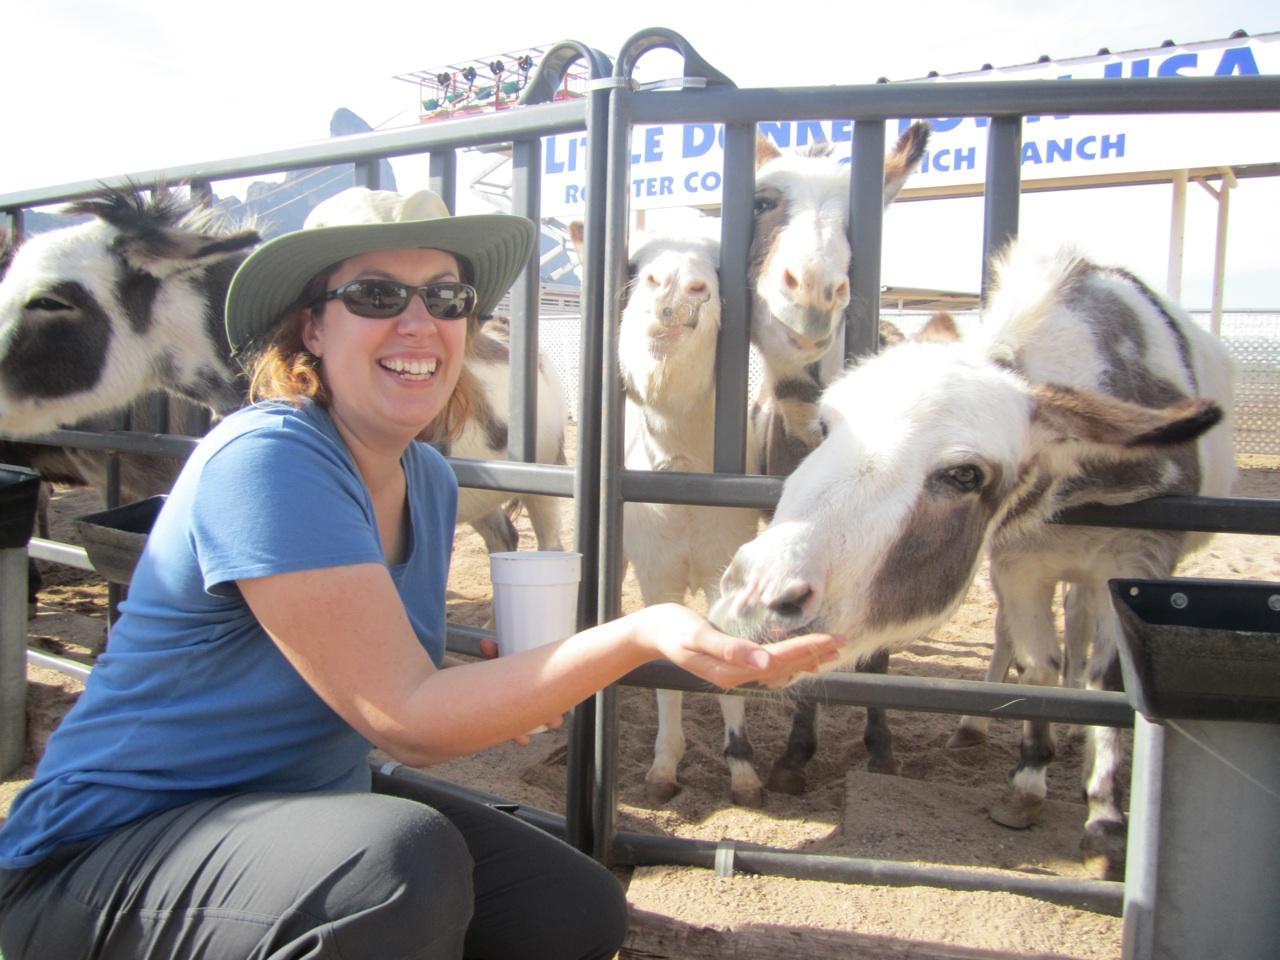 Brenda Feeding The Donkeys